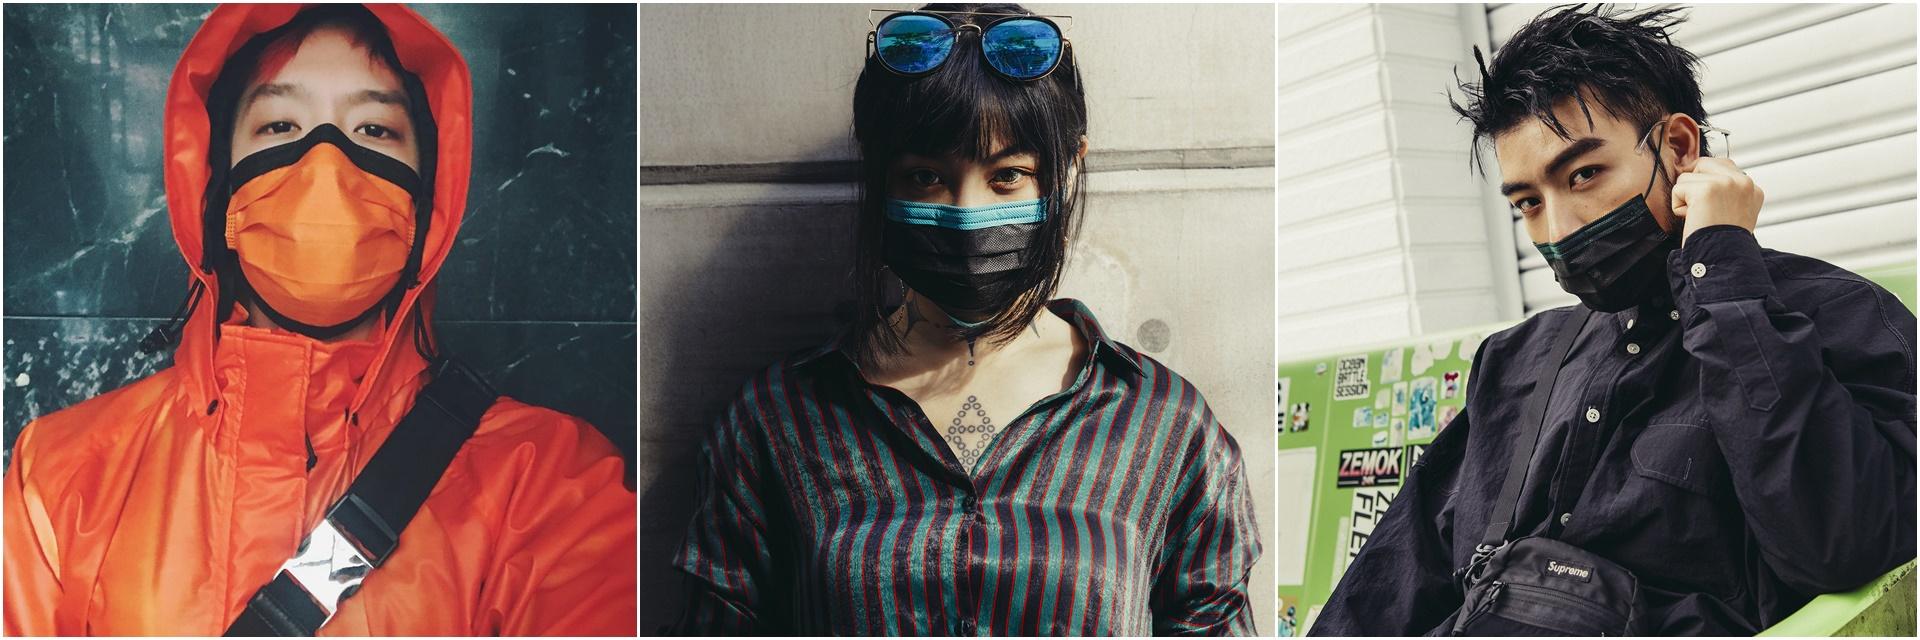 潮到分手!讓周湯豪一試成主顧的「潮流口罩」品牌,原來街拍型人早就默默在戴?